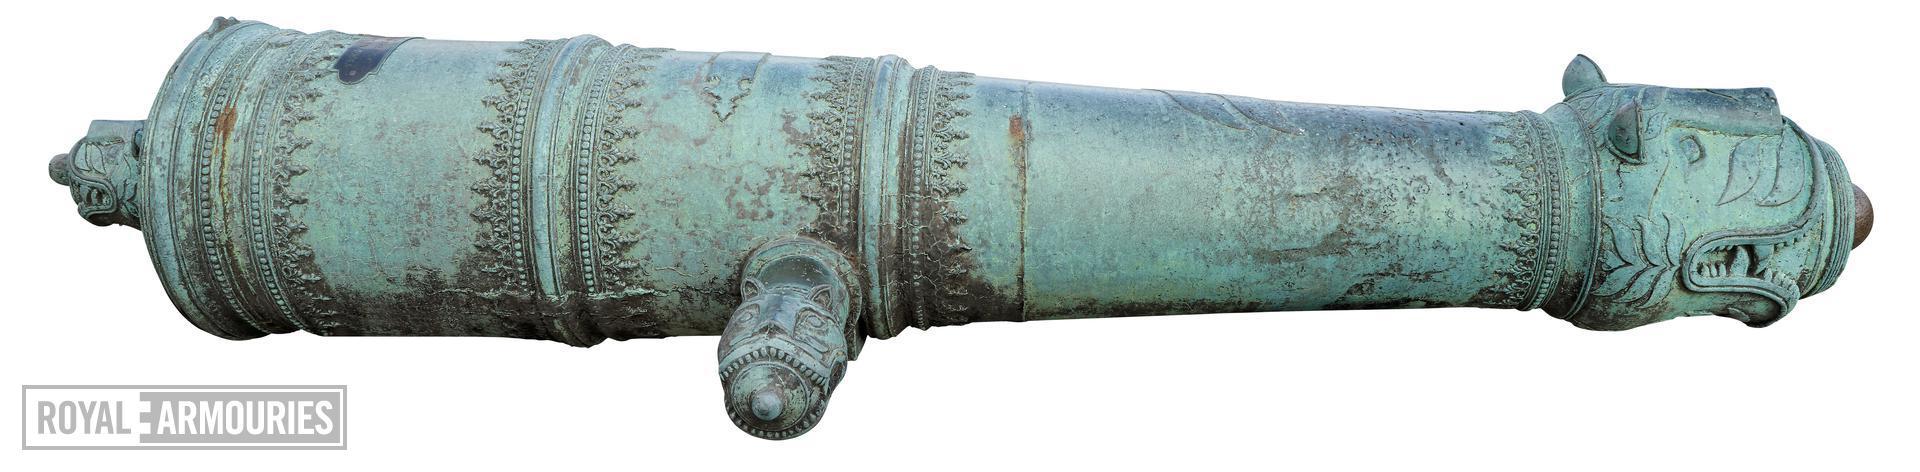 24 pr gun Made of bronze